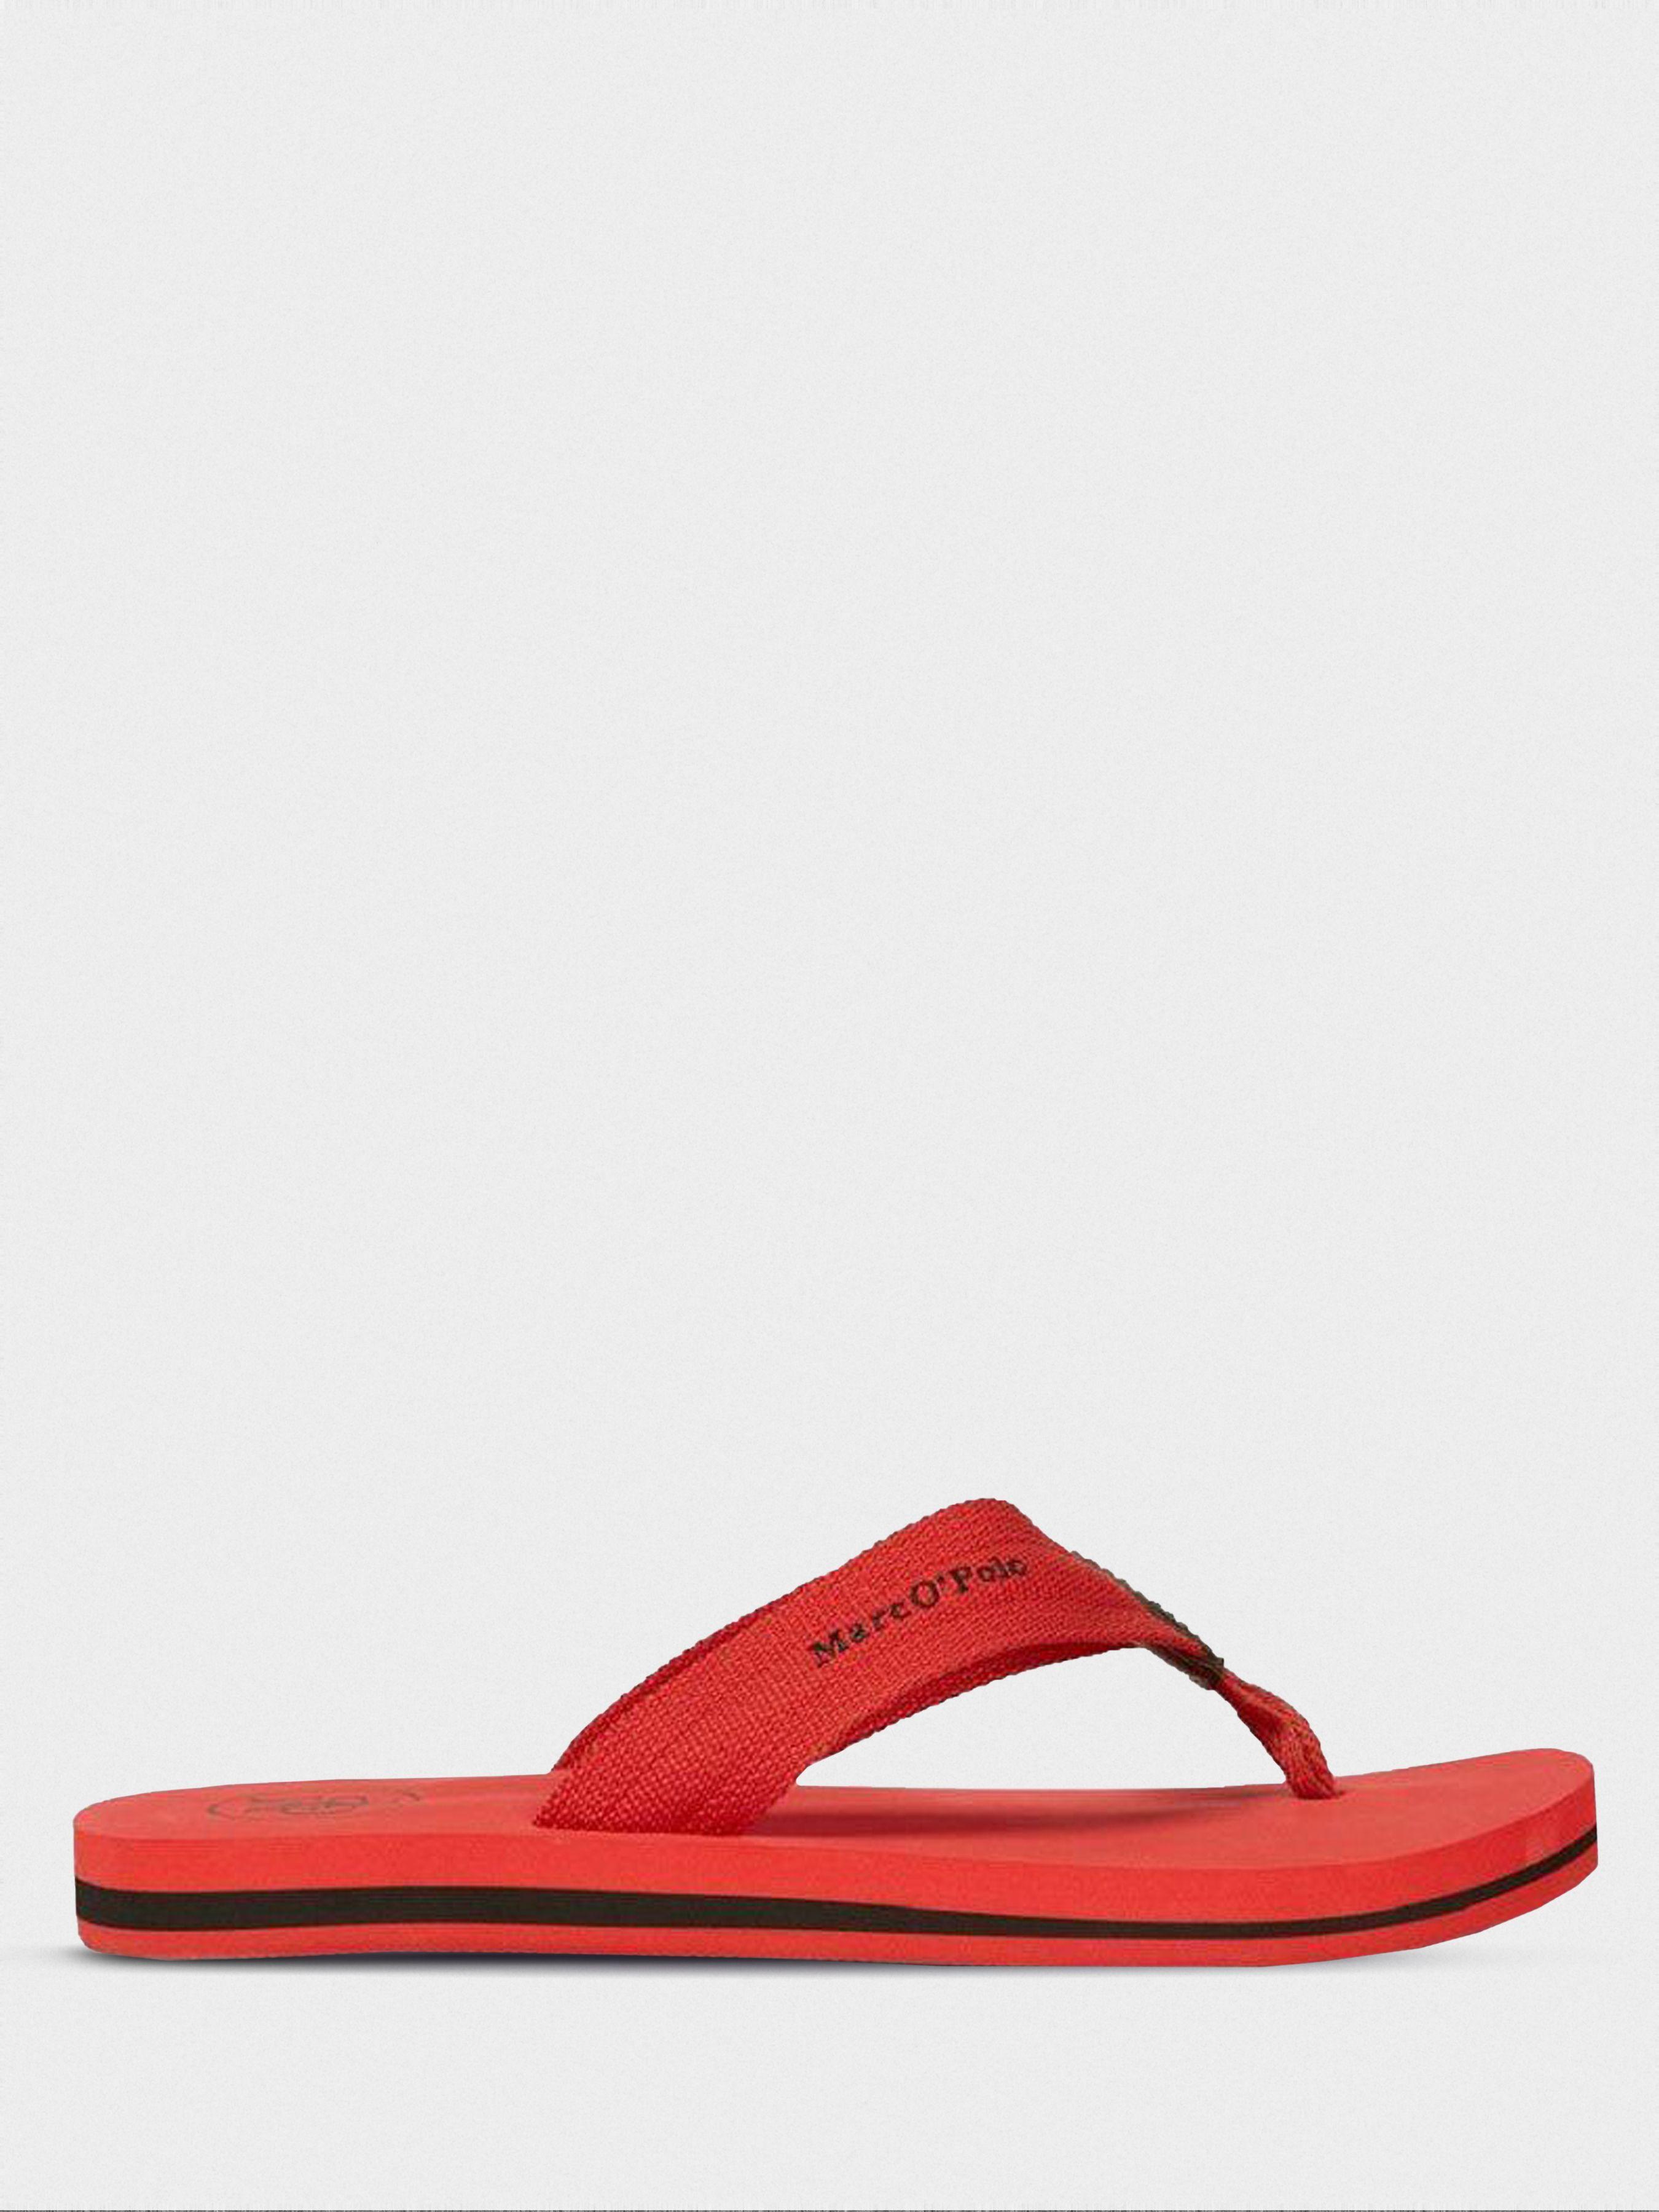 Купить Вьетнамки мужские MARC O'POLO PO324, Красный